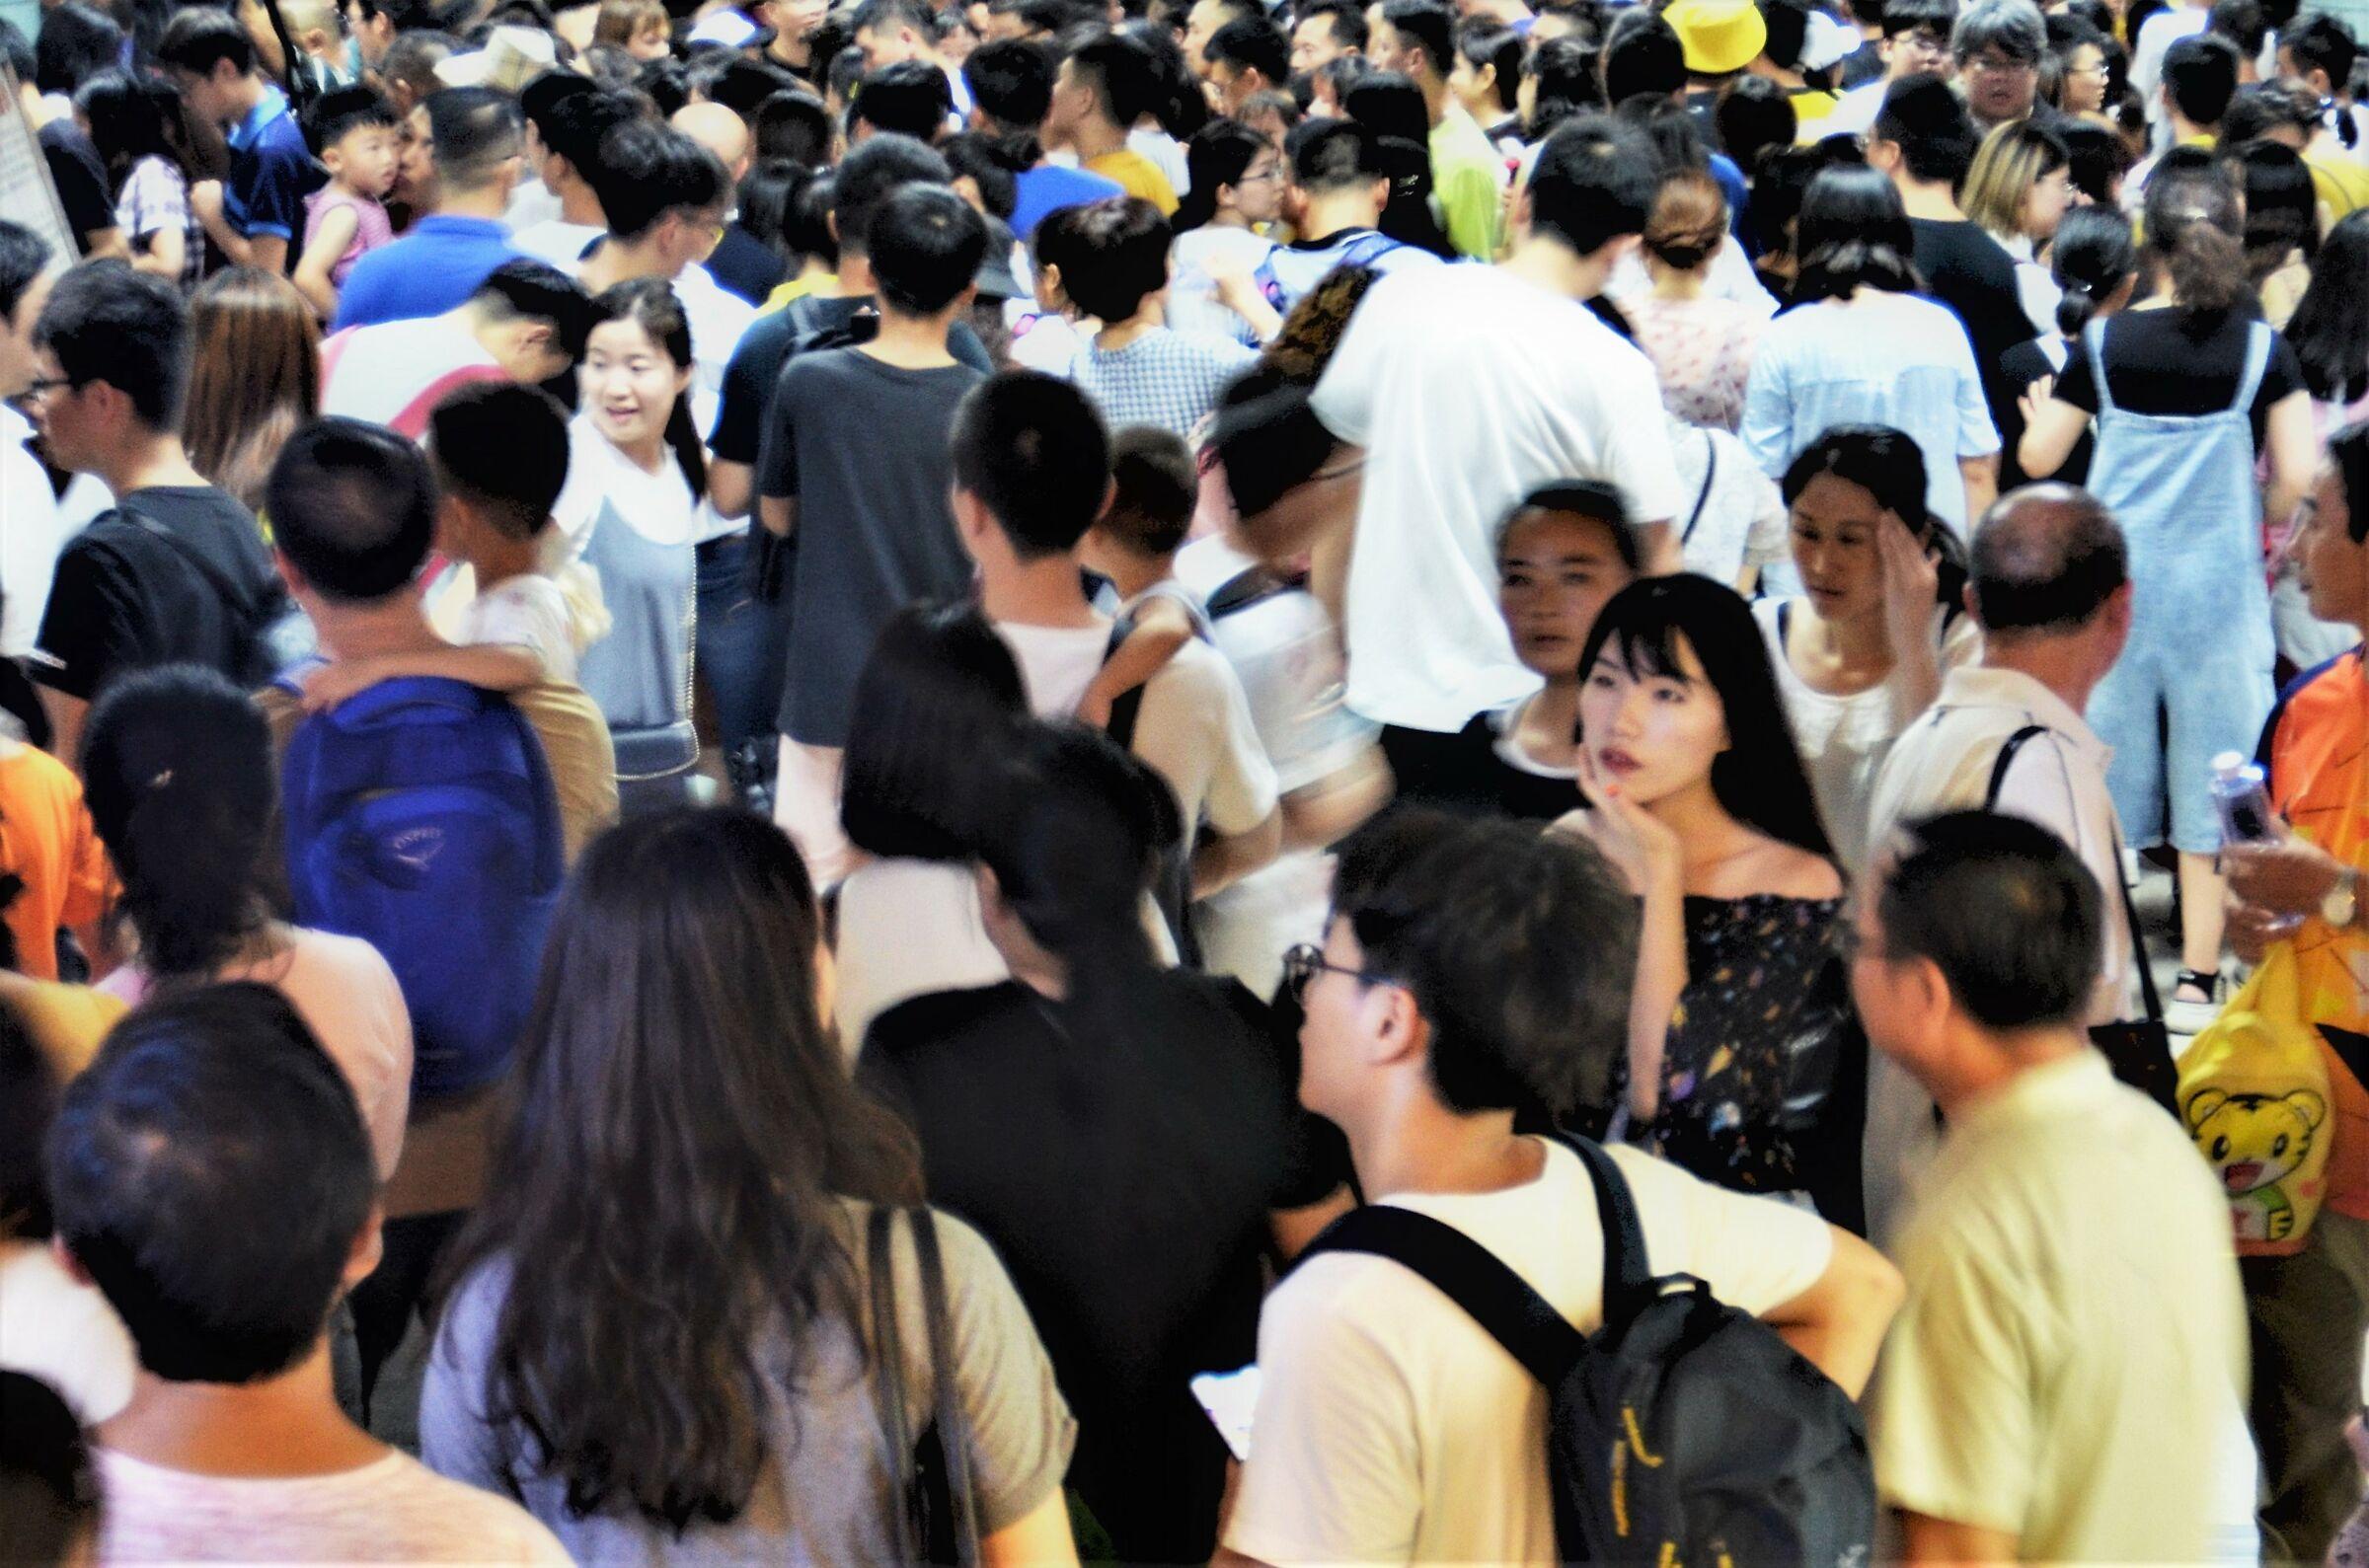 Beauty in a crowd...